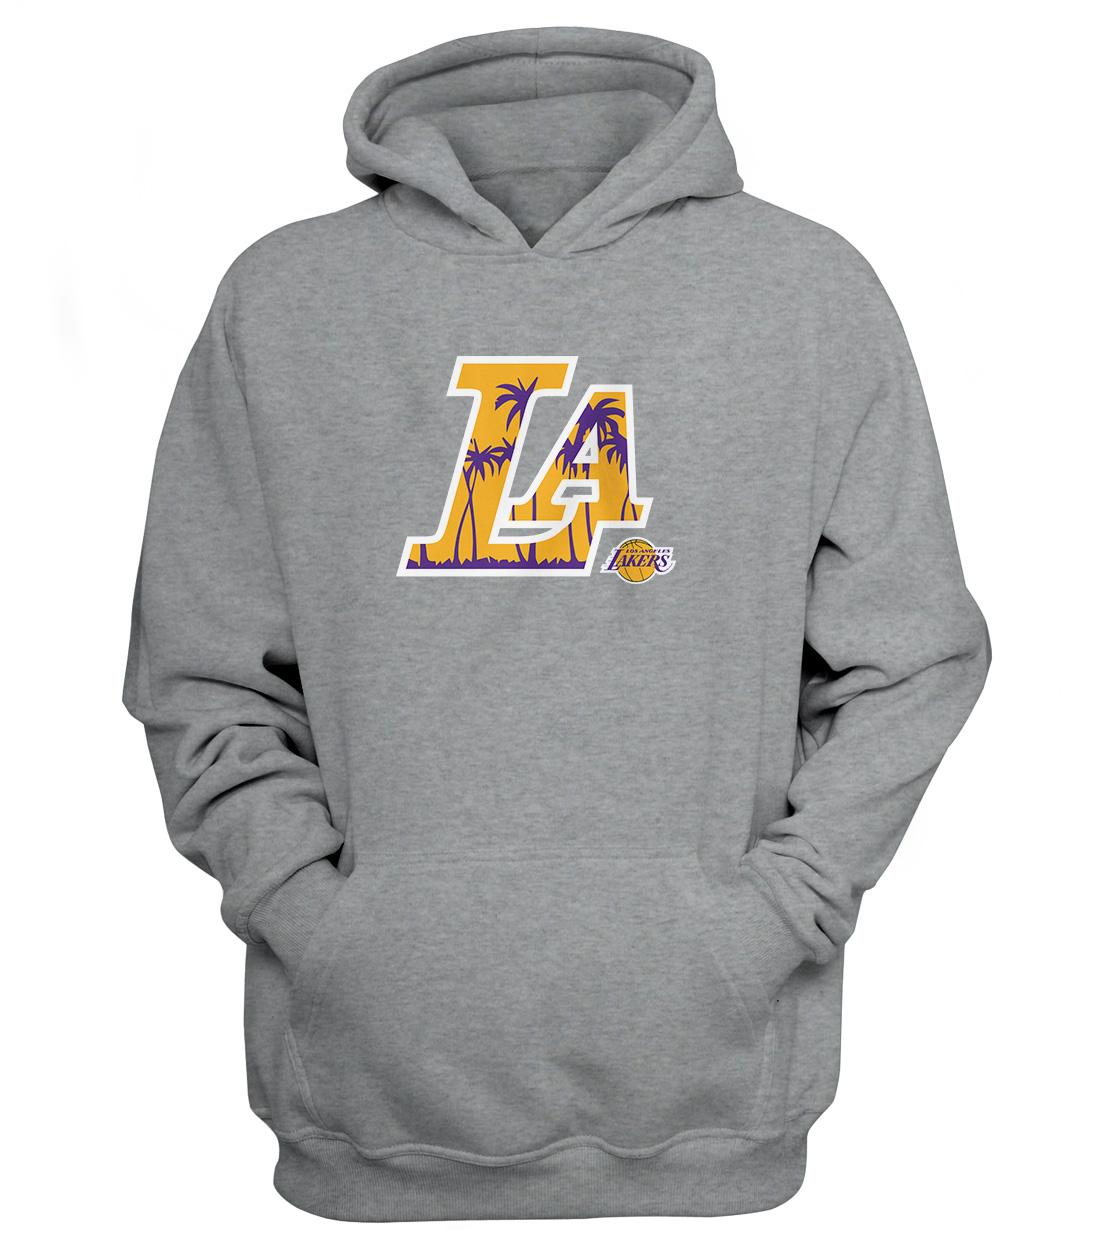 L.A. Lakers  Hoodie (HD-GRY-NP-142-NBA-LAL-L.A.)